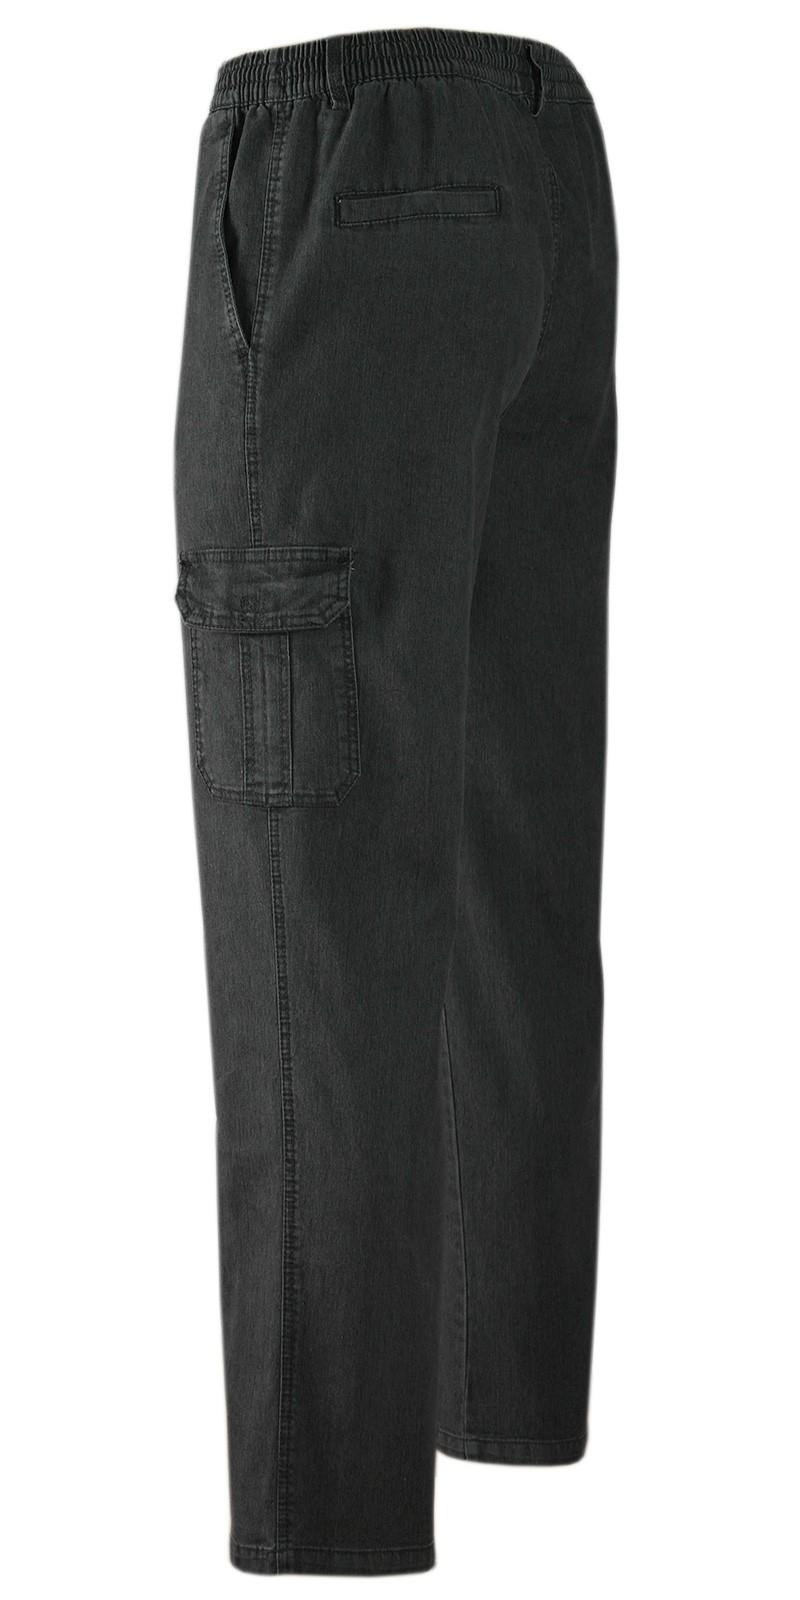 Herren Jeans Stretch Schlupfhose Schlupfjeans Gummizughosen Sommer Kollektion schwarz